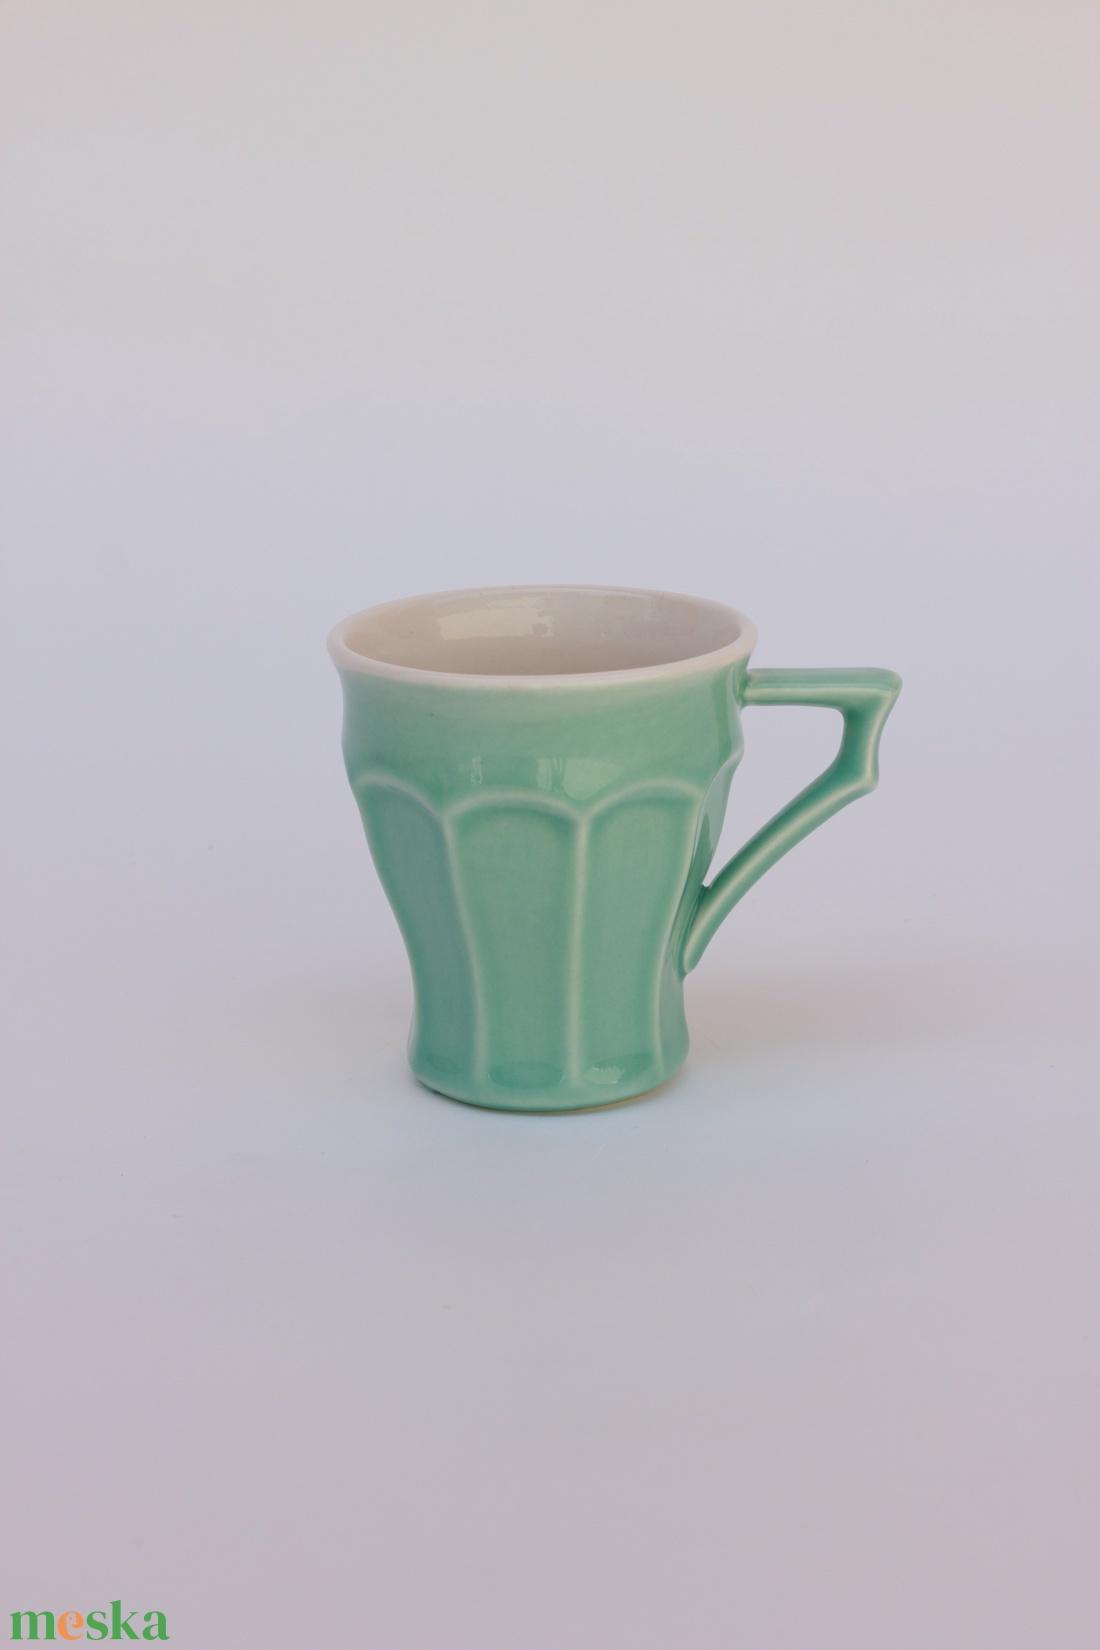 yutta 1,5 dl-es füles félporcelán kávés csésze (yuttadesign) - Meska.hu